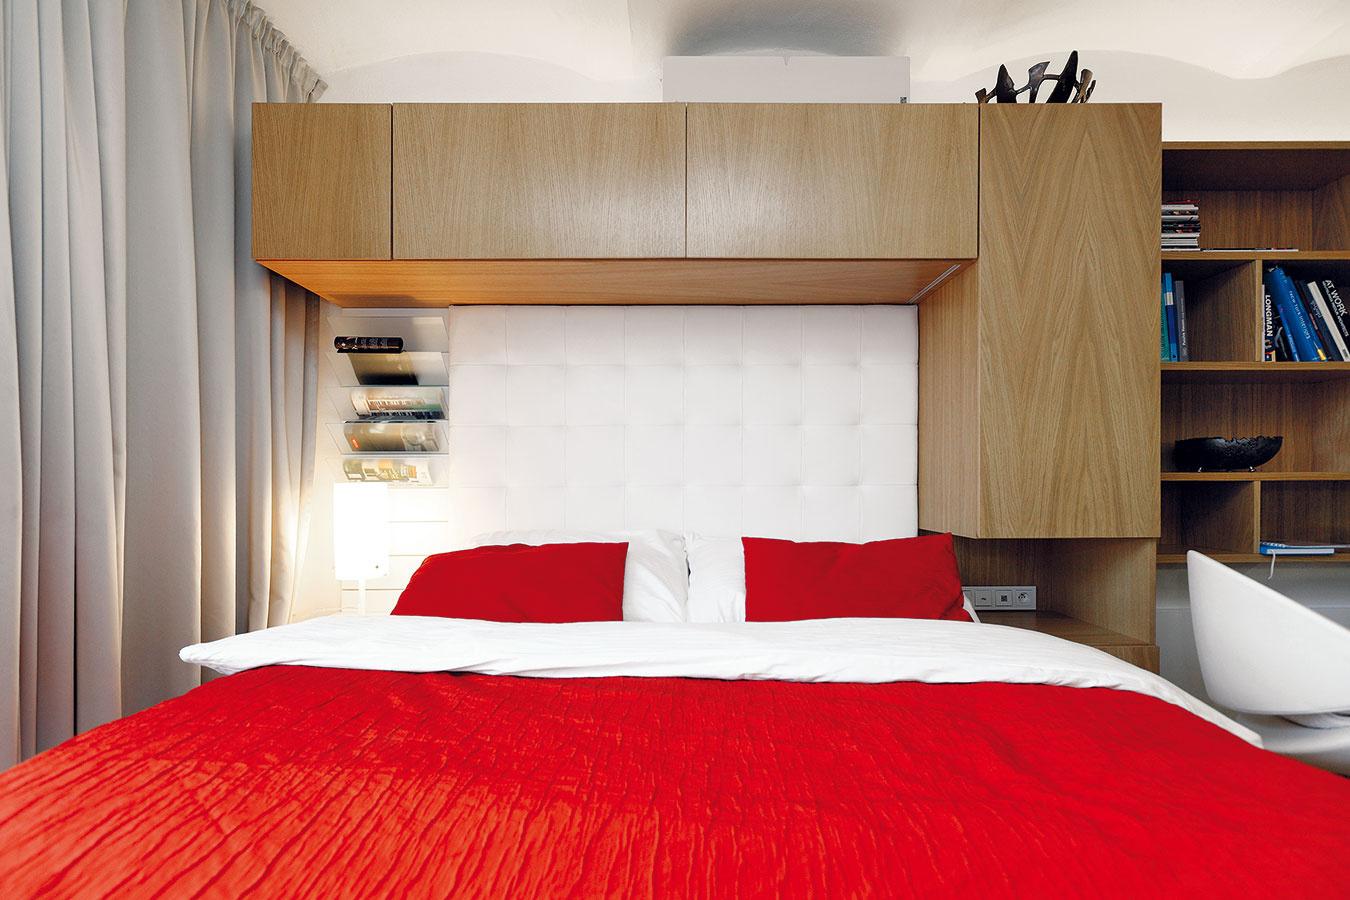 Nad posteľou je okrem skriniek (tých vmalom byte nie je nikdy dosť) aj takzvaná reverzibilná klimatizačná jednotka (resp. tepelné čerpadlo vzduch-vzduch), ktorá sa stará otepelnú pohodu vlete aj vzime, prikúriť sa dá tiež kozubovou pieckou.